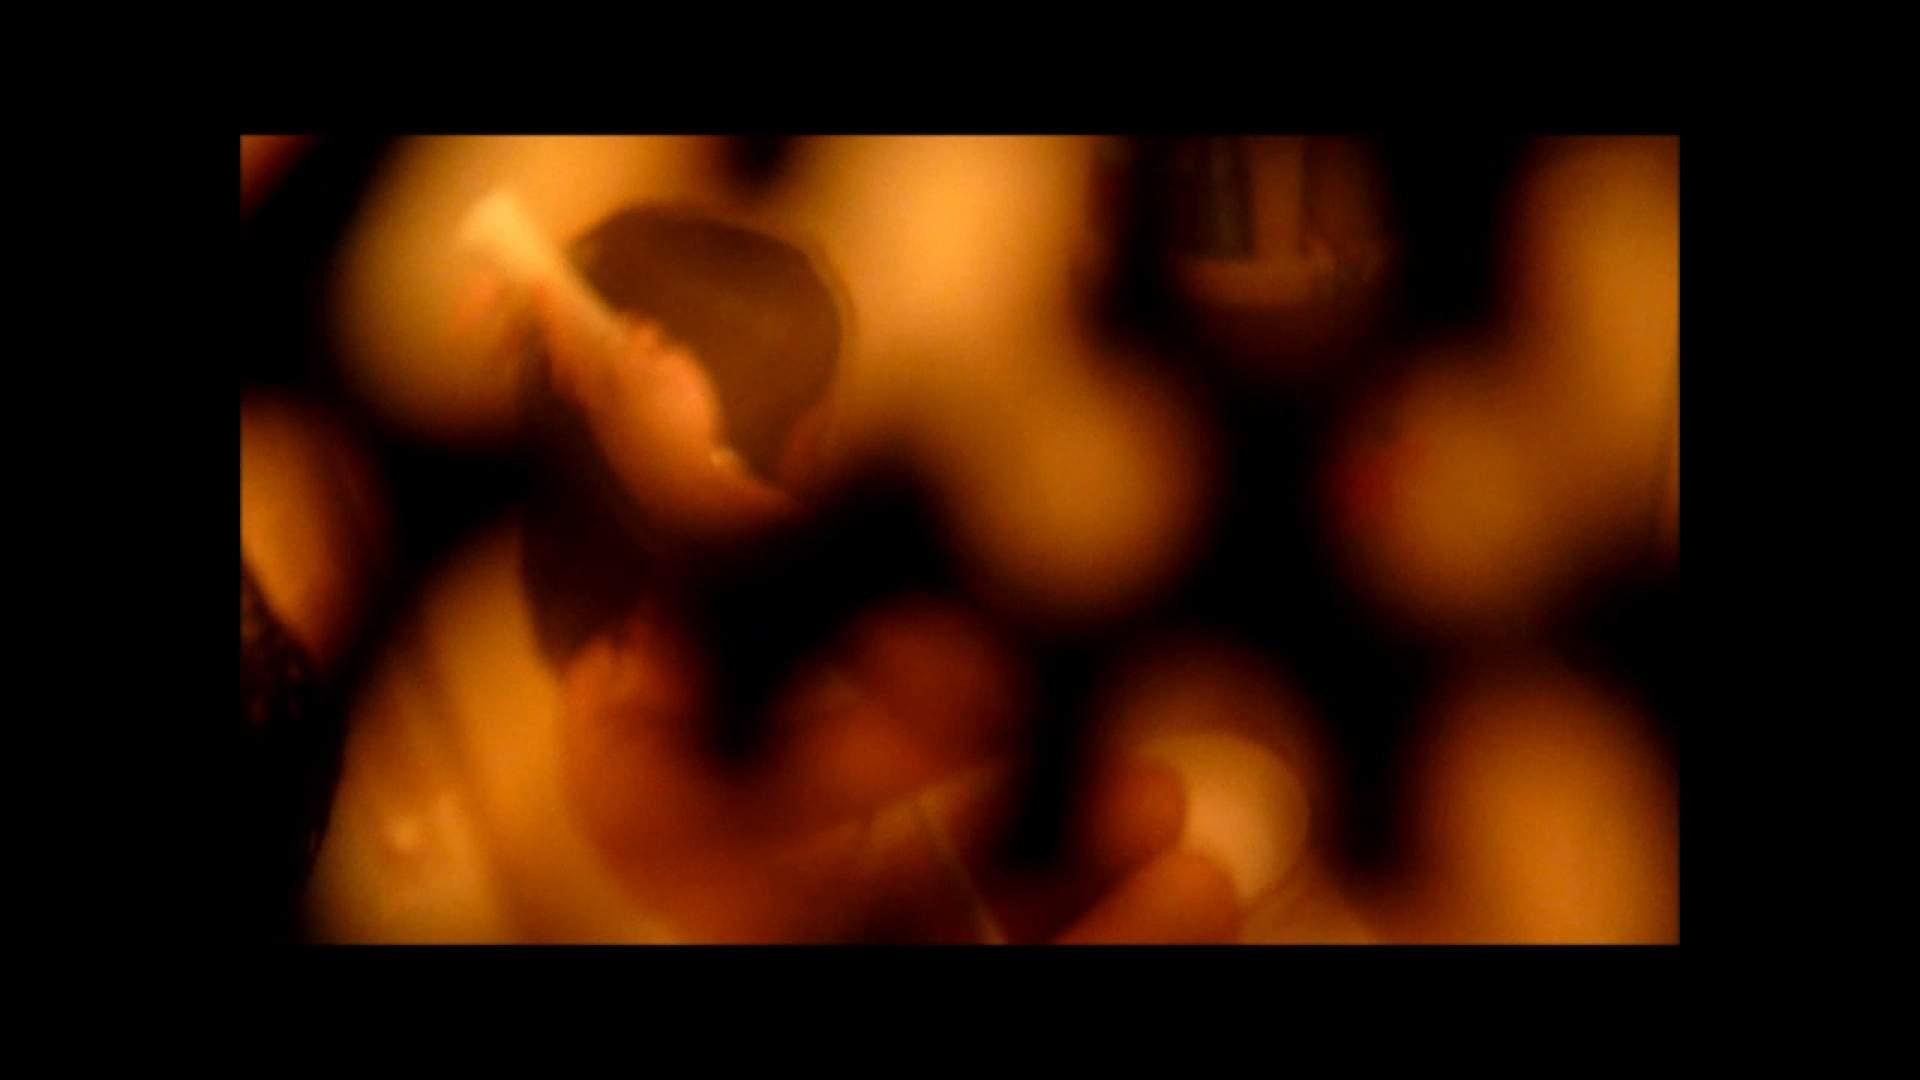 【02】ベランダに侵入して張り込みを始めて・・・やっと結果が出ました。 家宅侵入 | 0  82画像 67